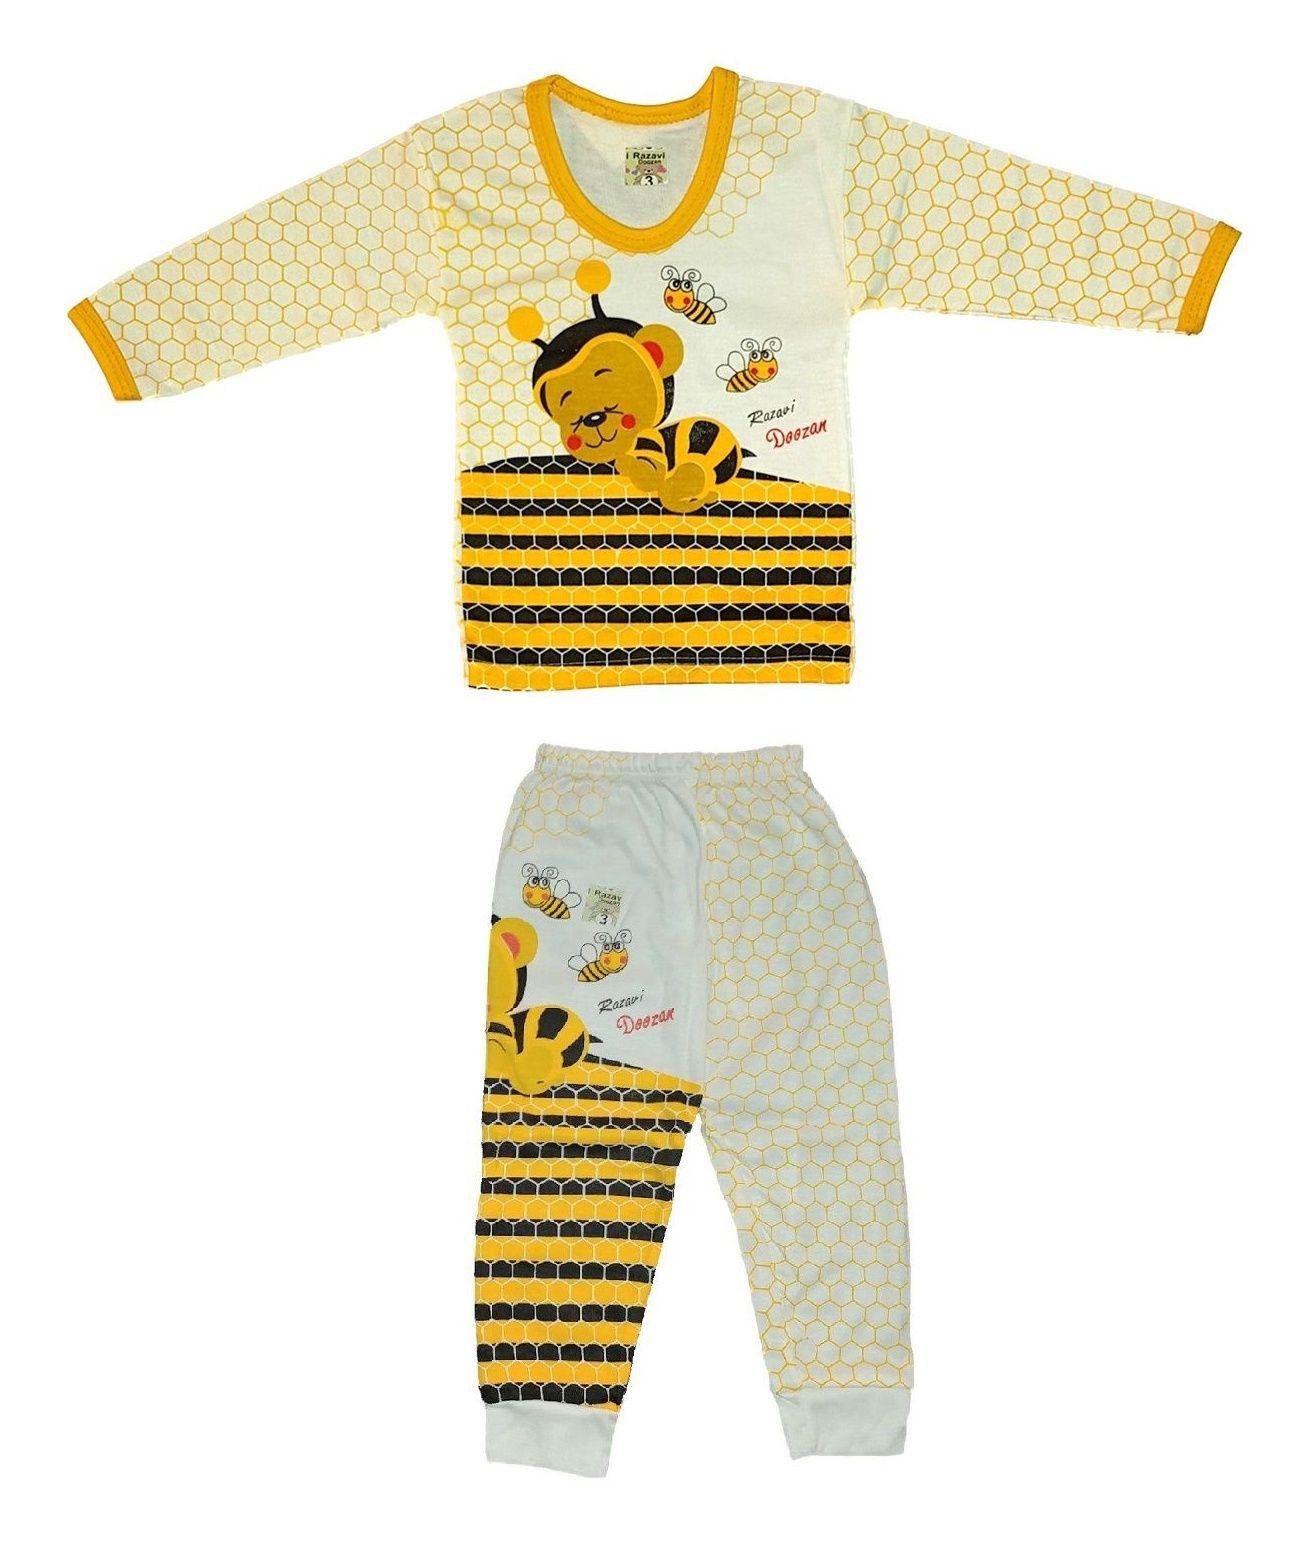 ست تی شرت و شلوار نوزادی کد 280ZA